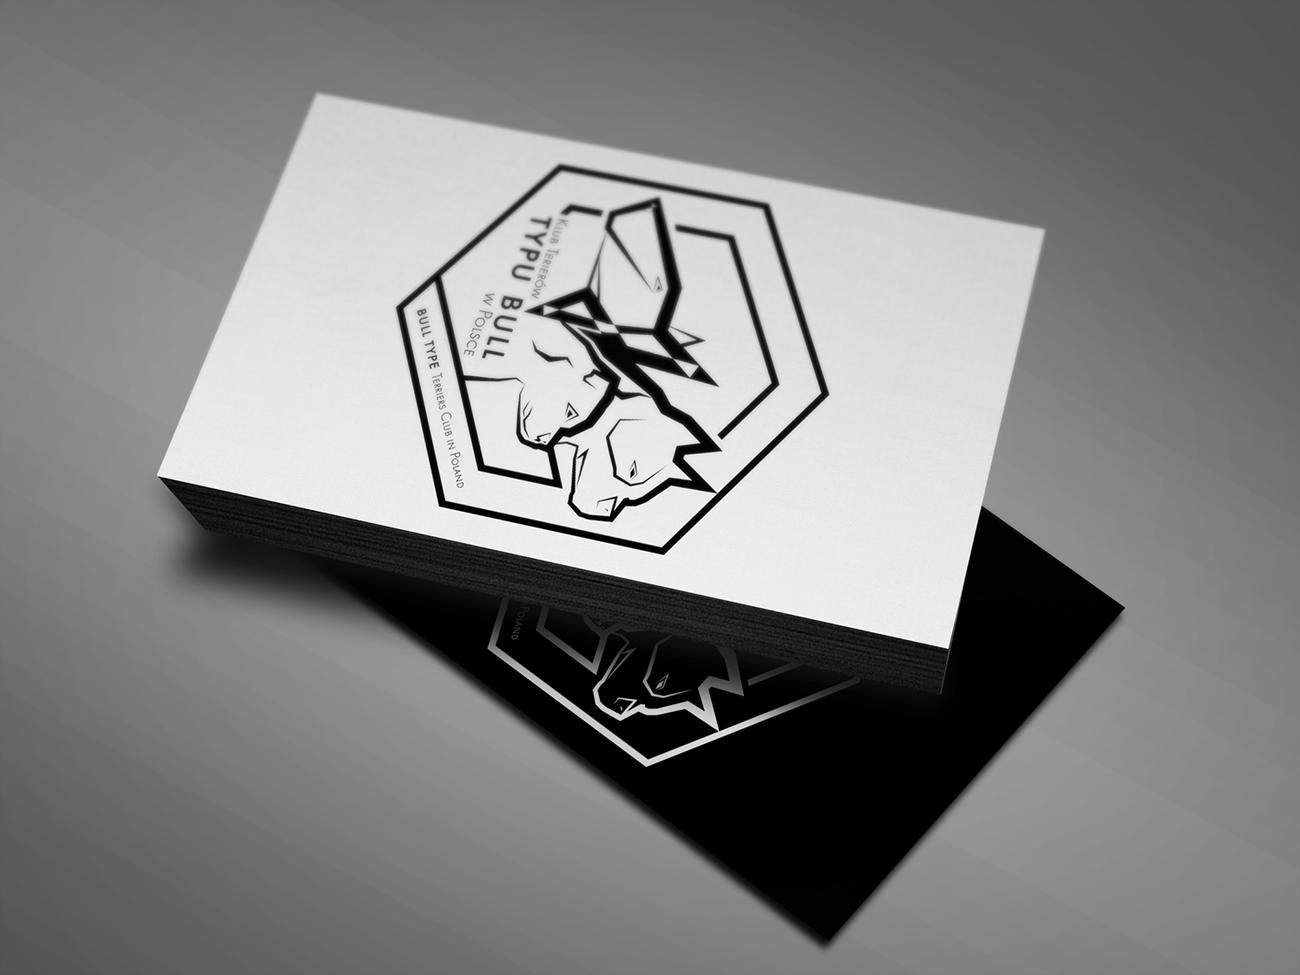 KTTB BUSINESS CARD